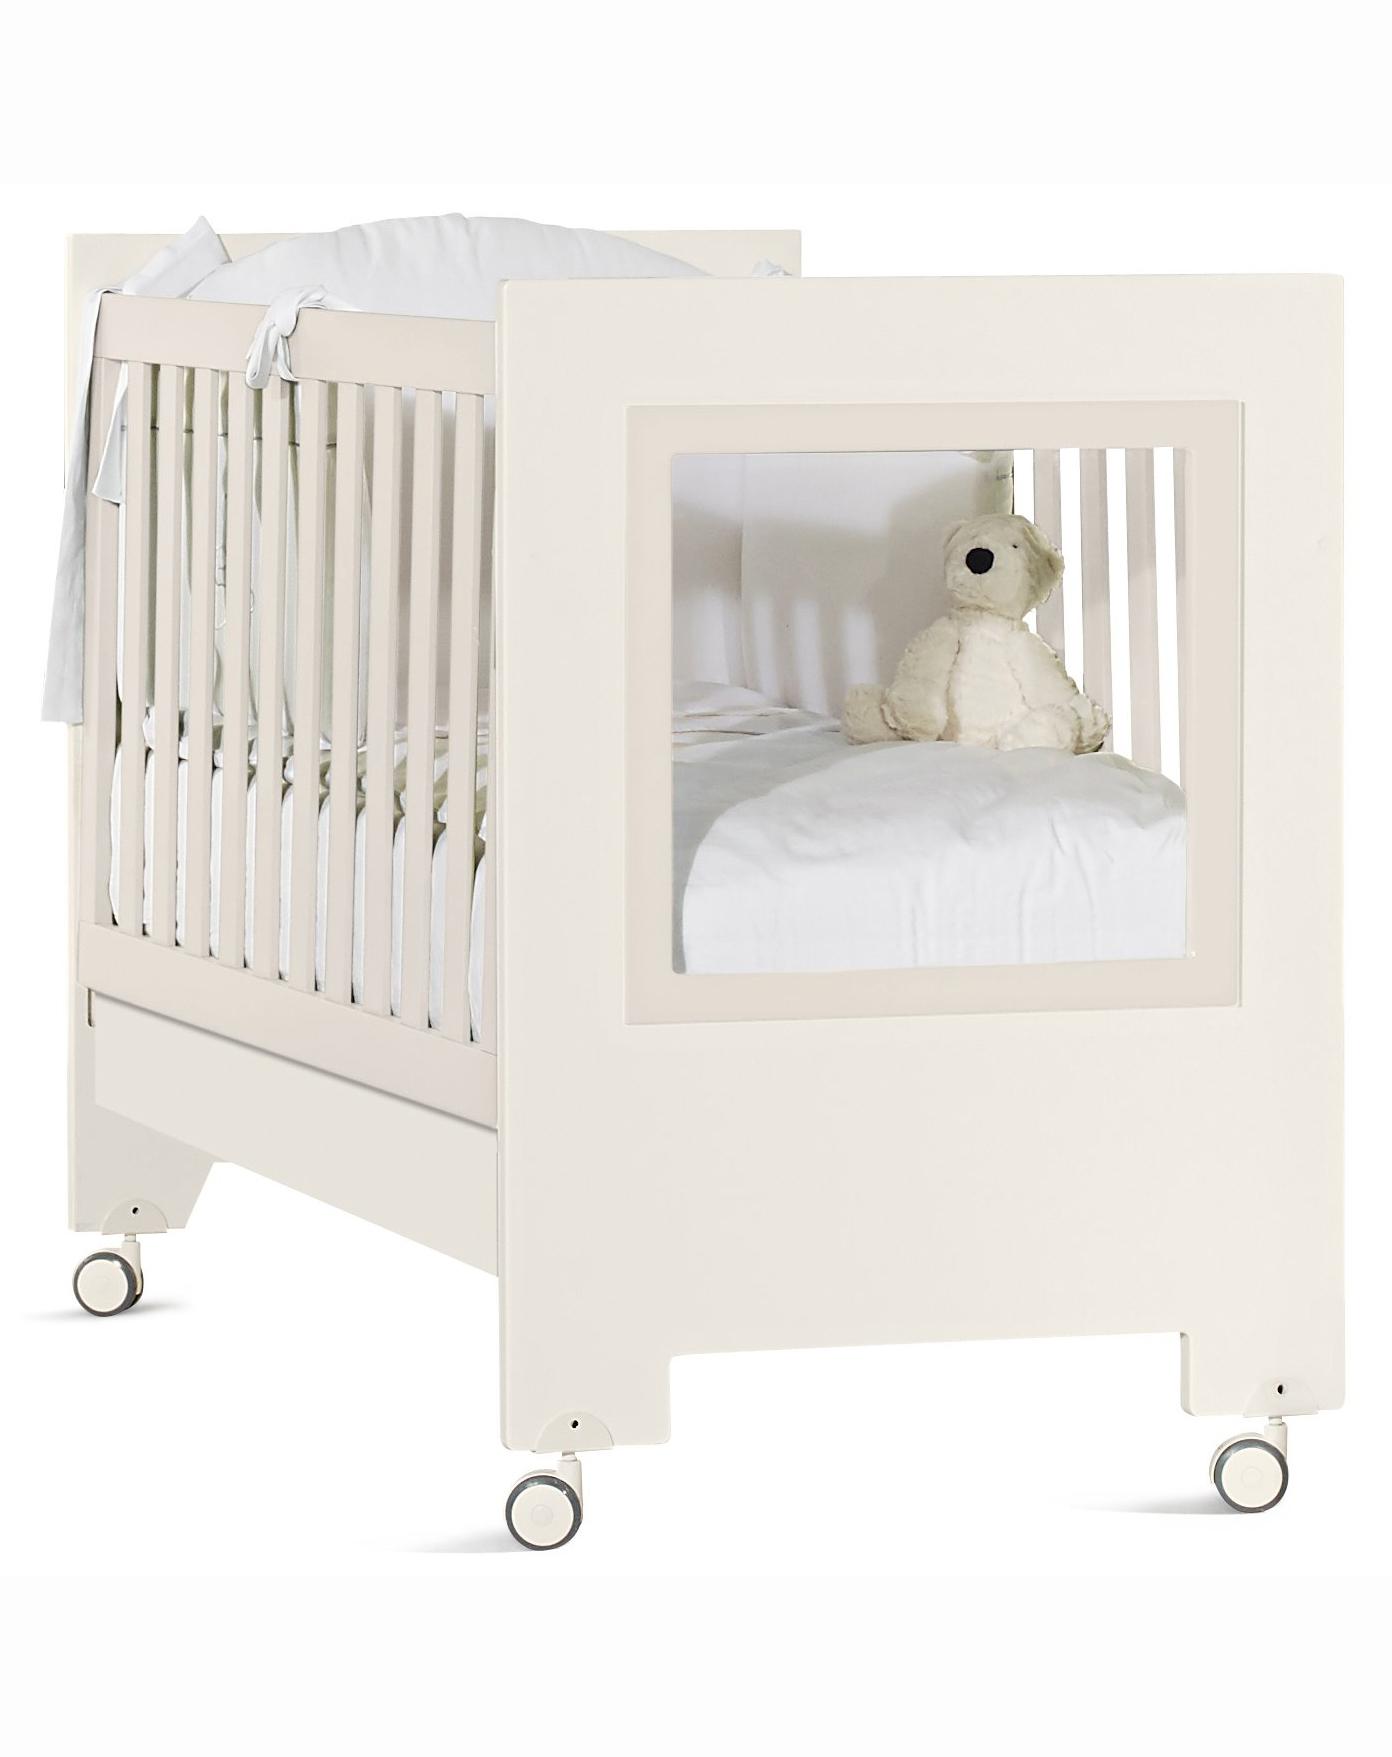 Кроватка детская - Le ChicДетские кровати и мягкая мебель<br>Кроватка детская - Le Chic<br>